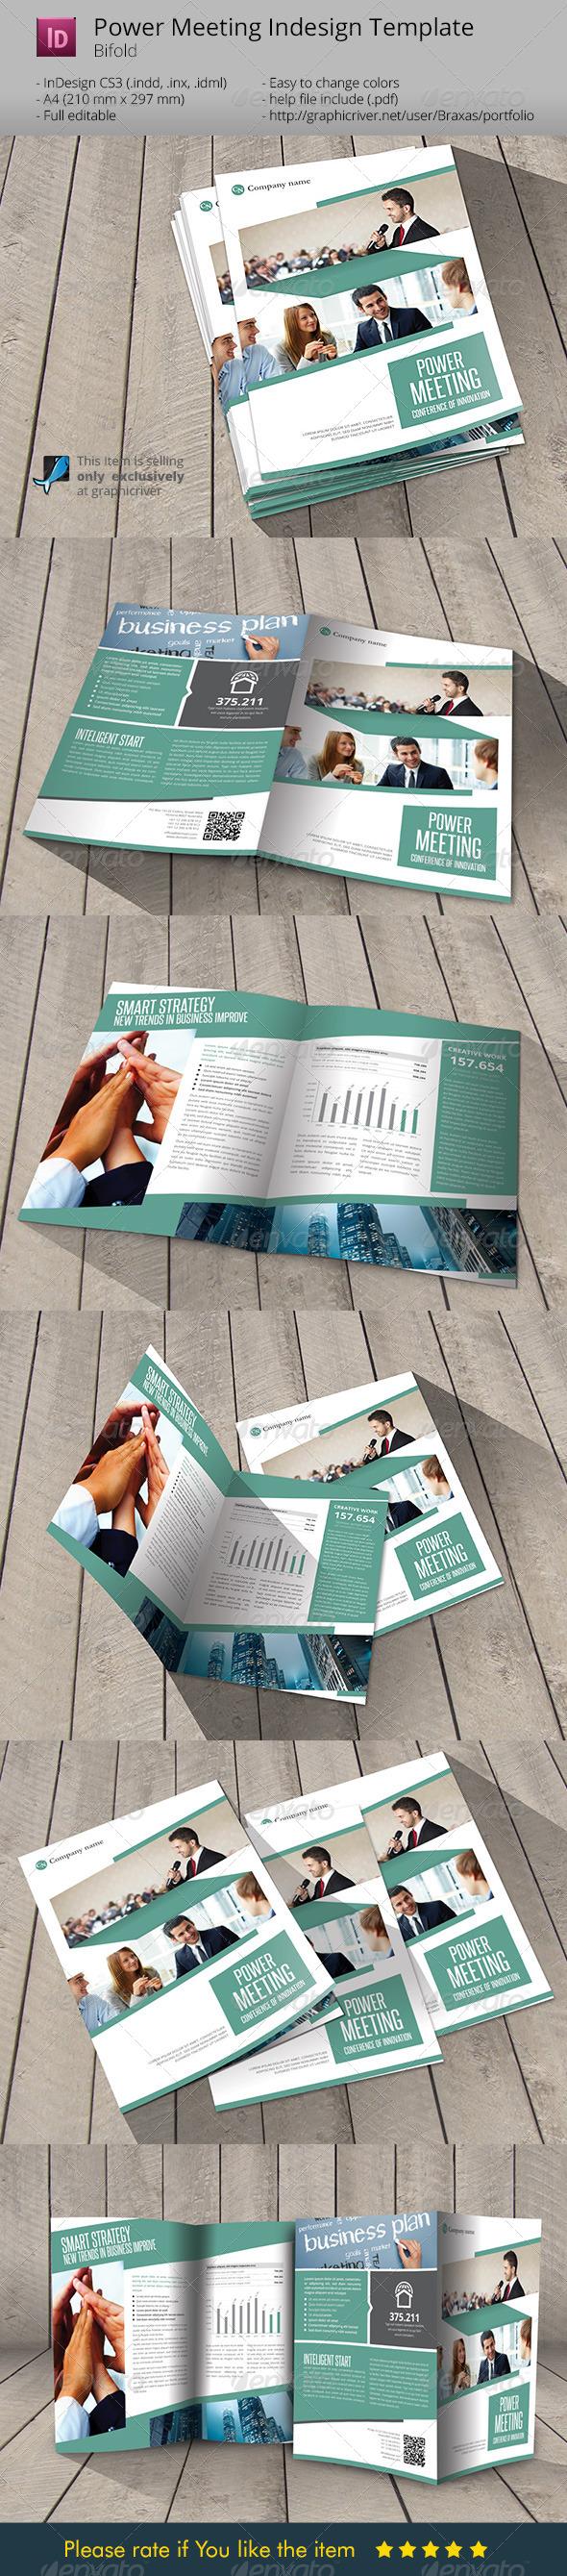 Power Meeting Indesign Template Brochure - Informational Brochures